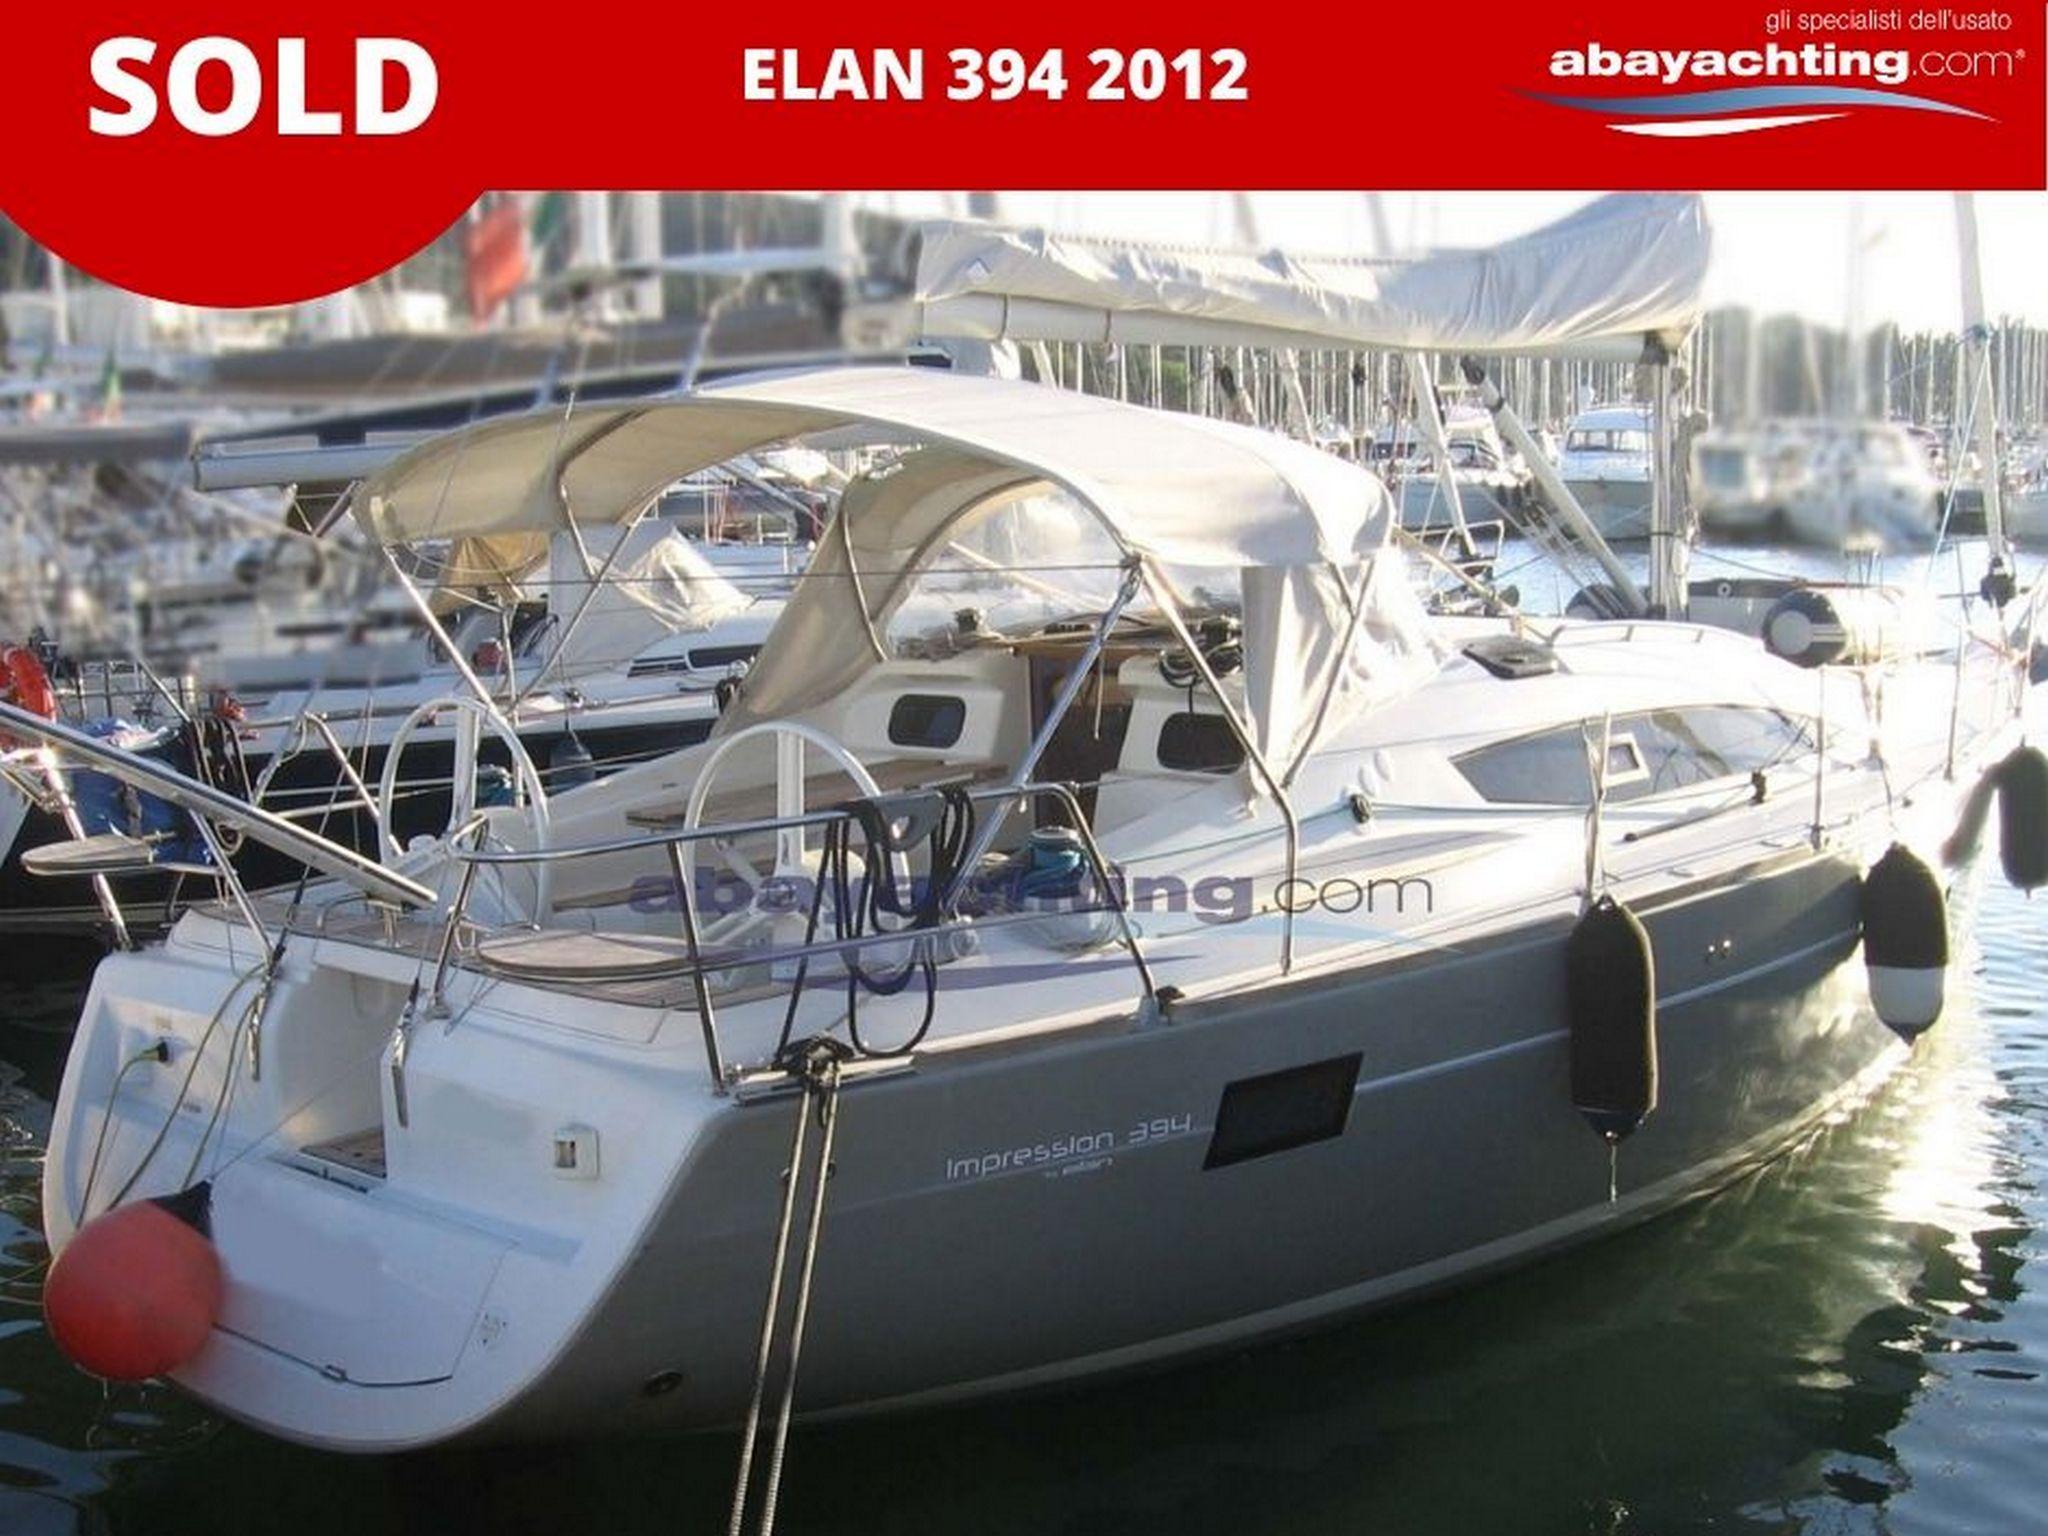 Elan 394 2012 sold